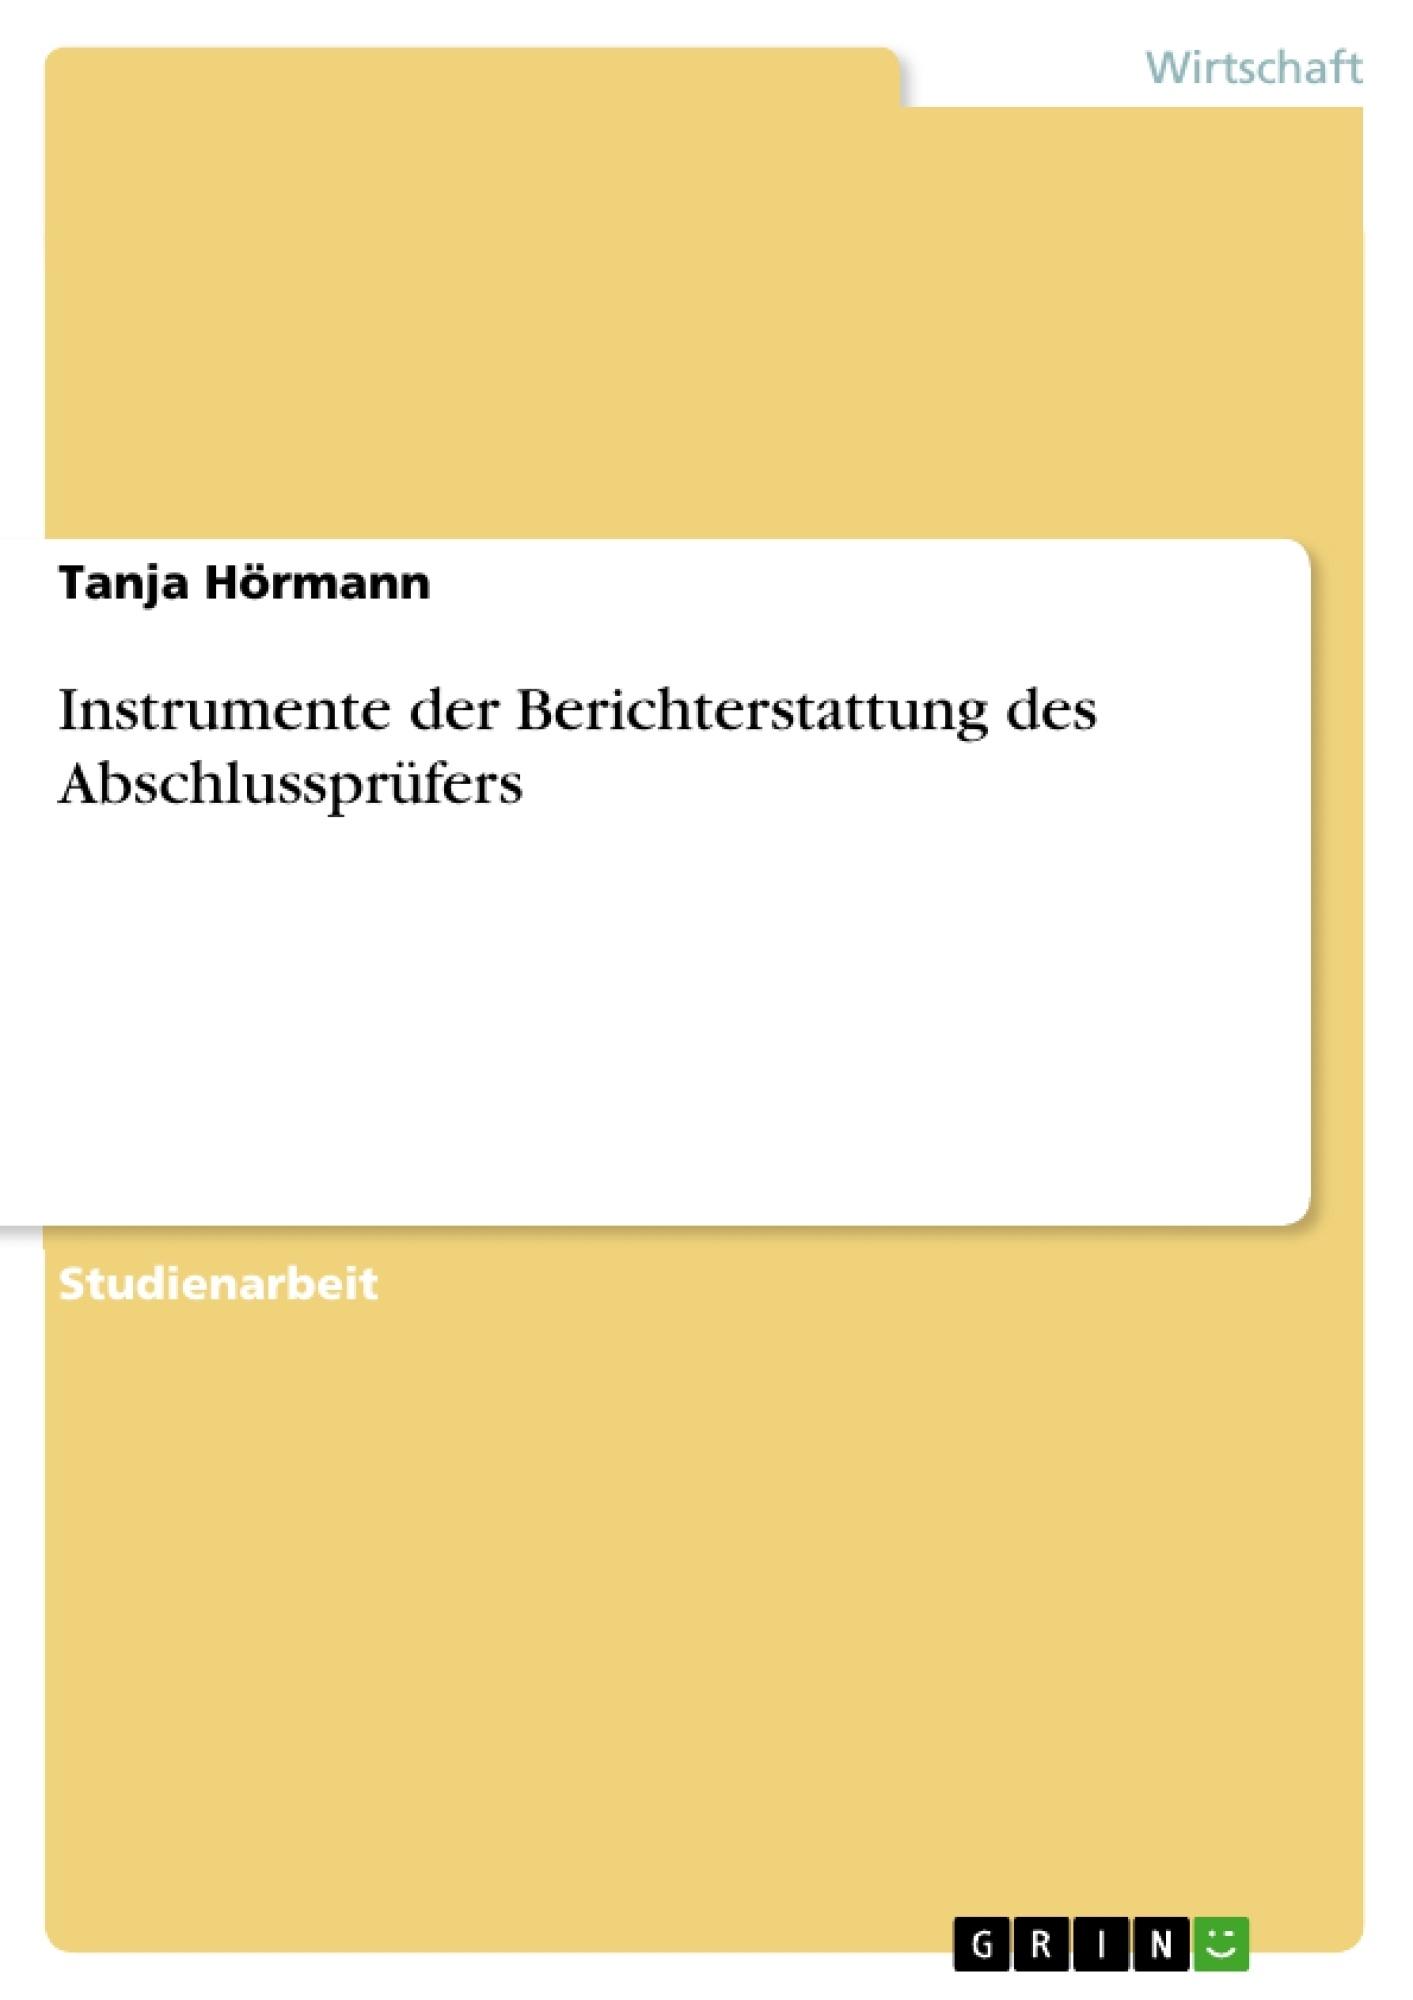 Titel: Instrumente der Berichterstattung des Abschlussprüfers